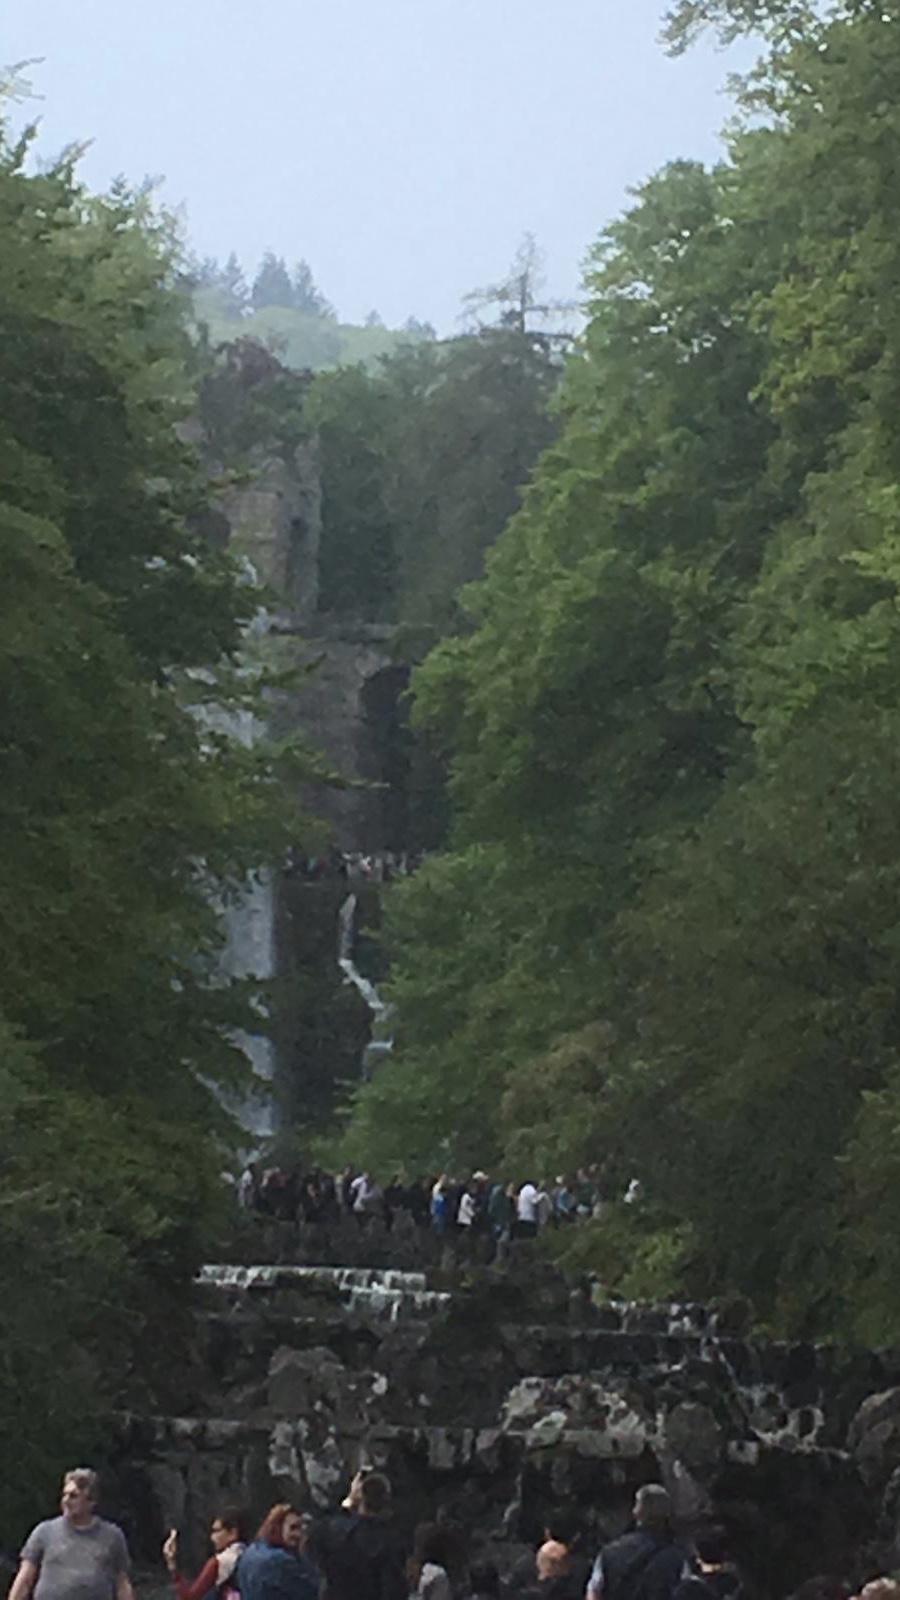 Wasserfall läuft über eine steinerne Treppe